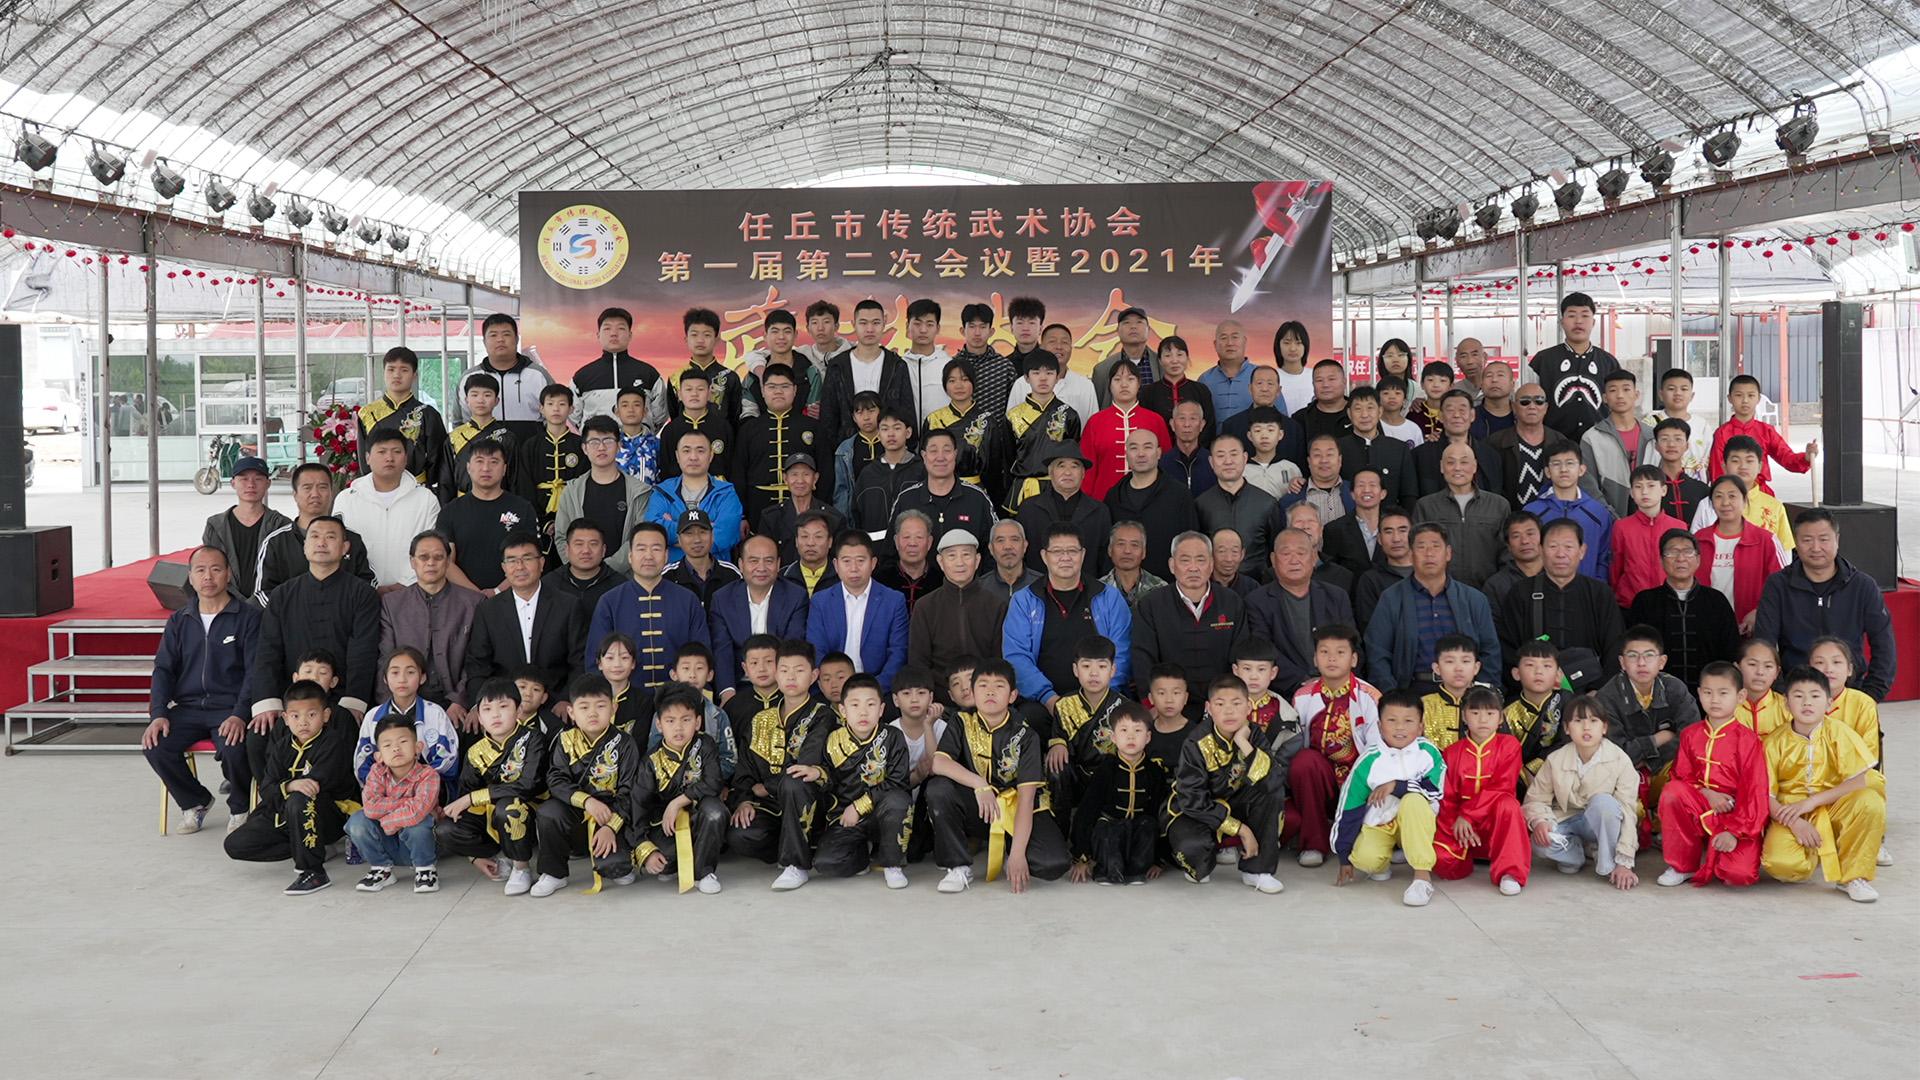 任丘市传统武术协会第一届第二次会议暨2021年武林大会